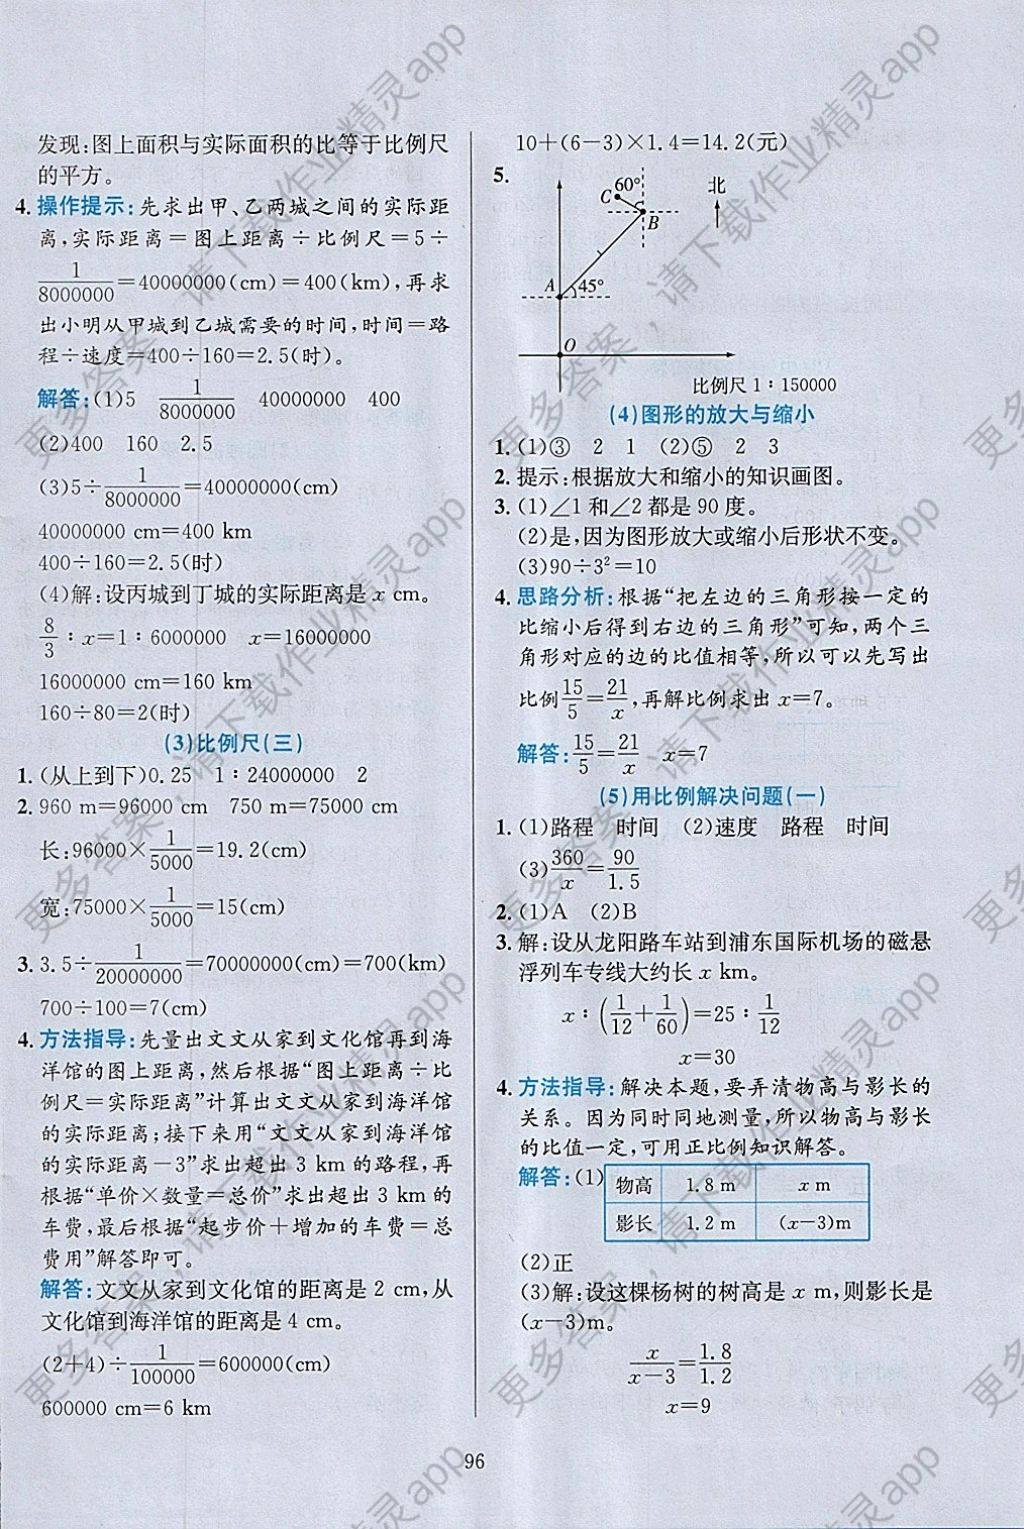 2018年小学教材全练六年级数学下册人教版答案